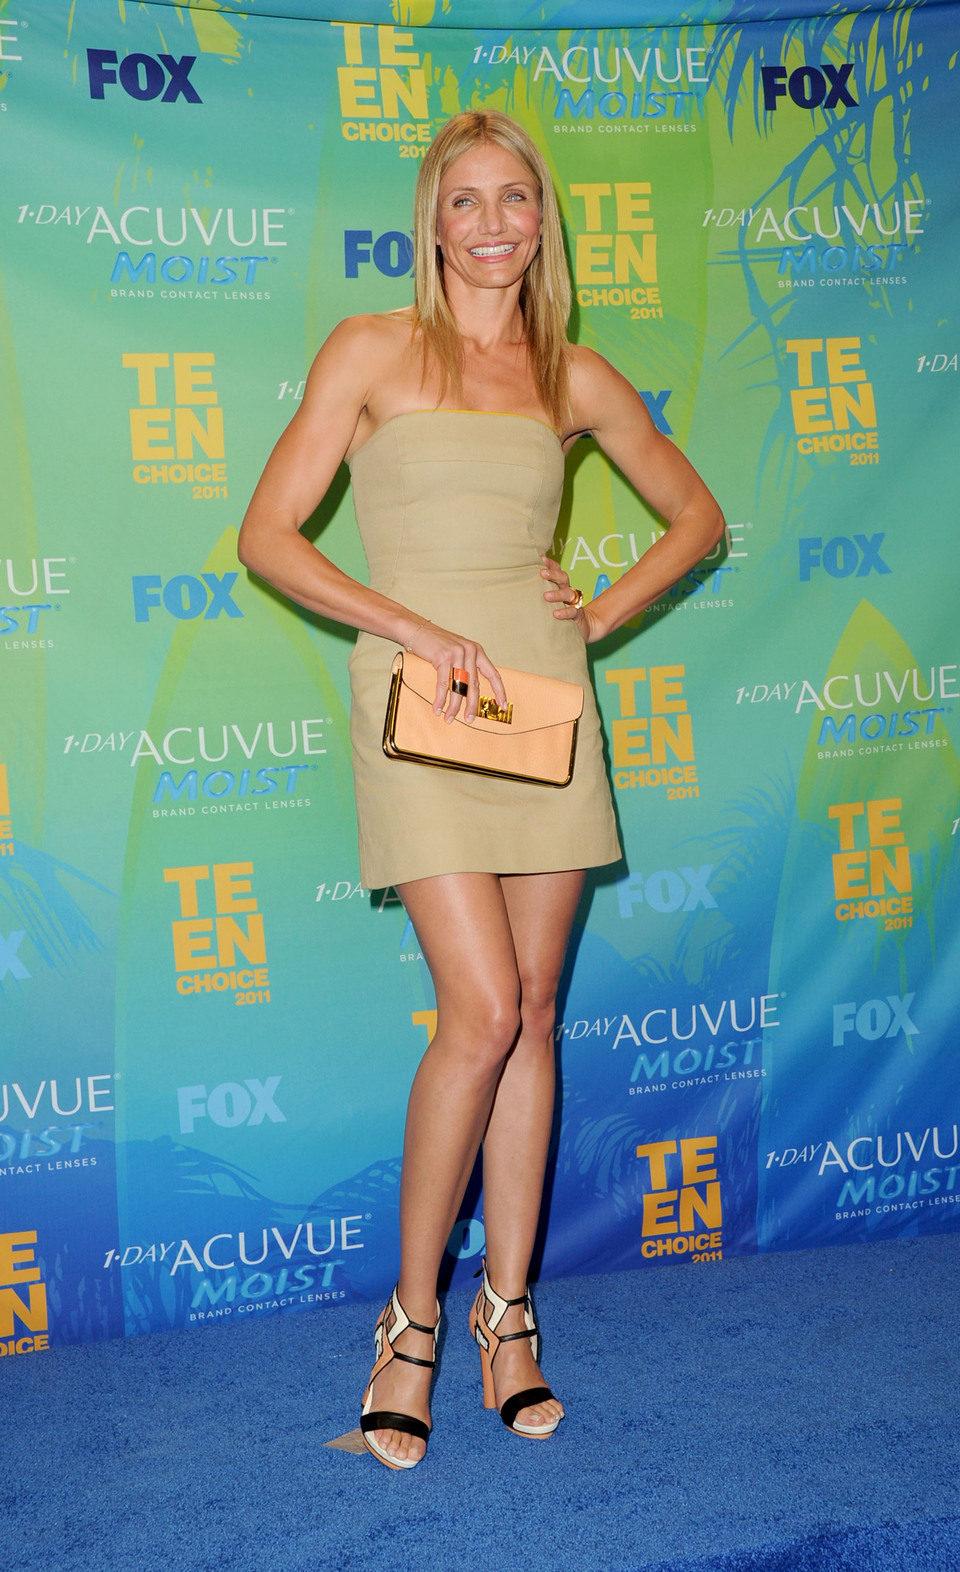 Cameron Diaz en el photocall de los Teen Choice Awards 2011